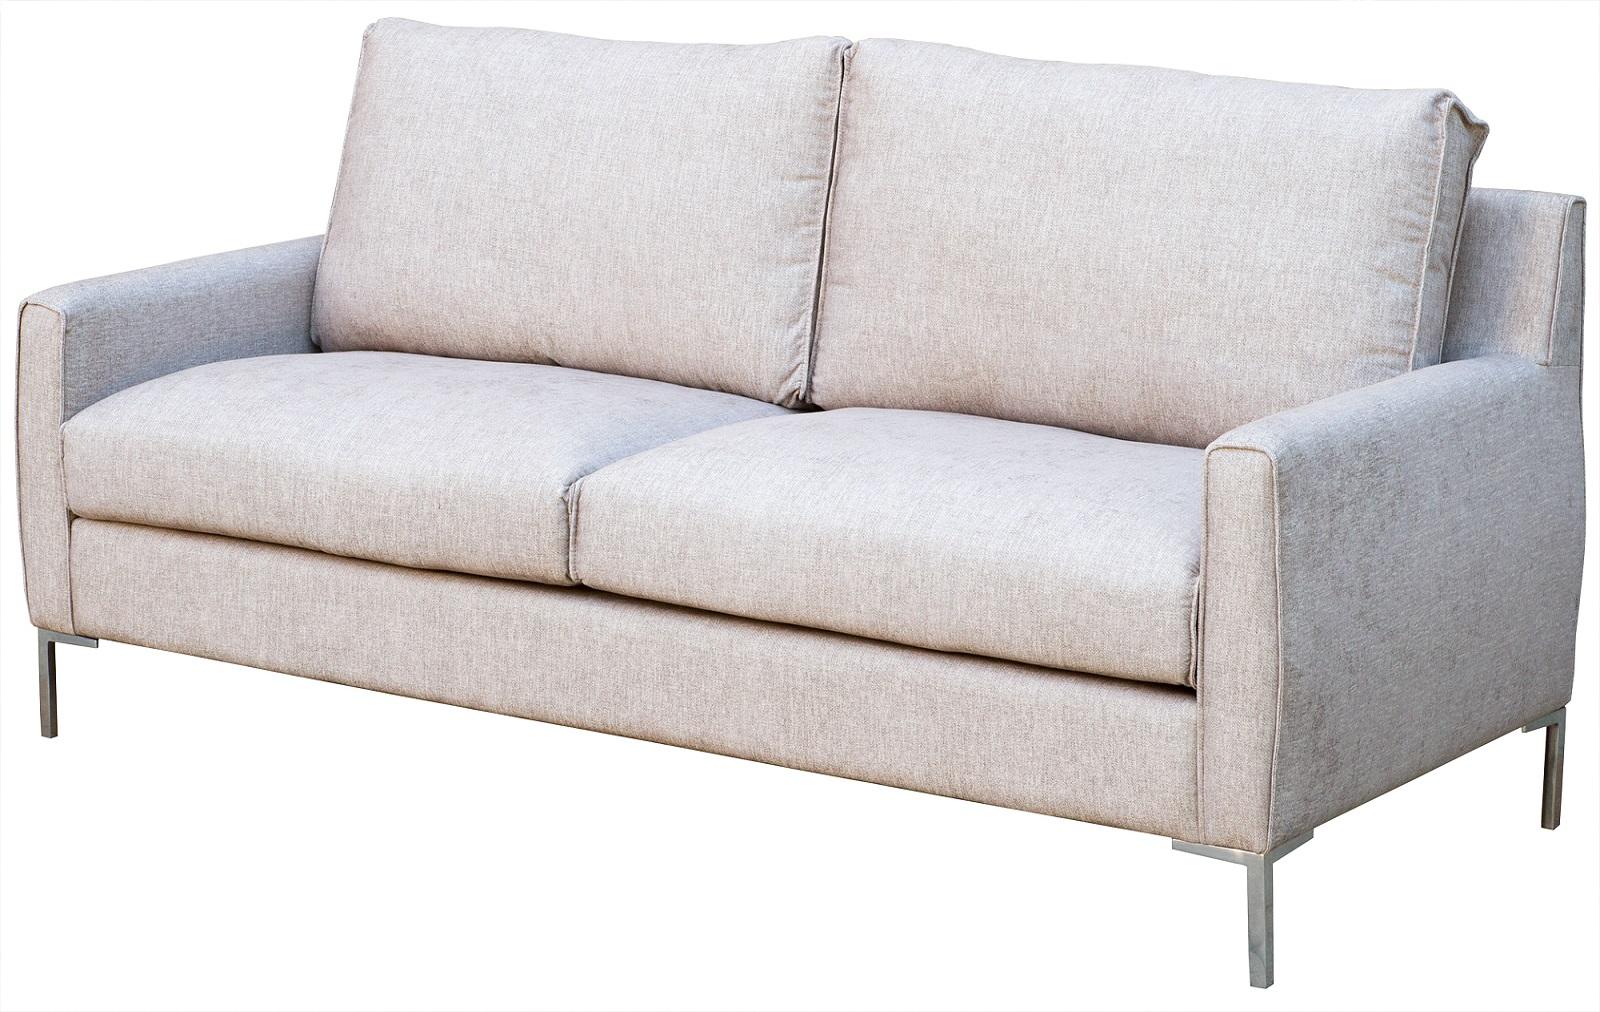 NordiForm soffa - 2-sits Välj din färg!